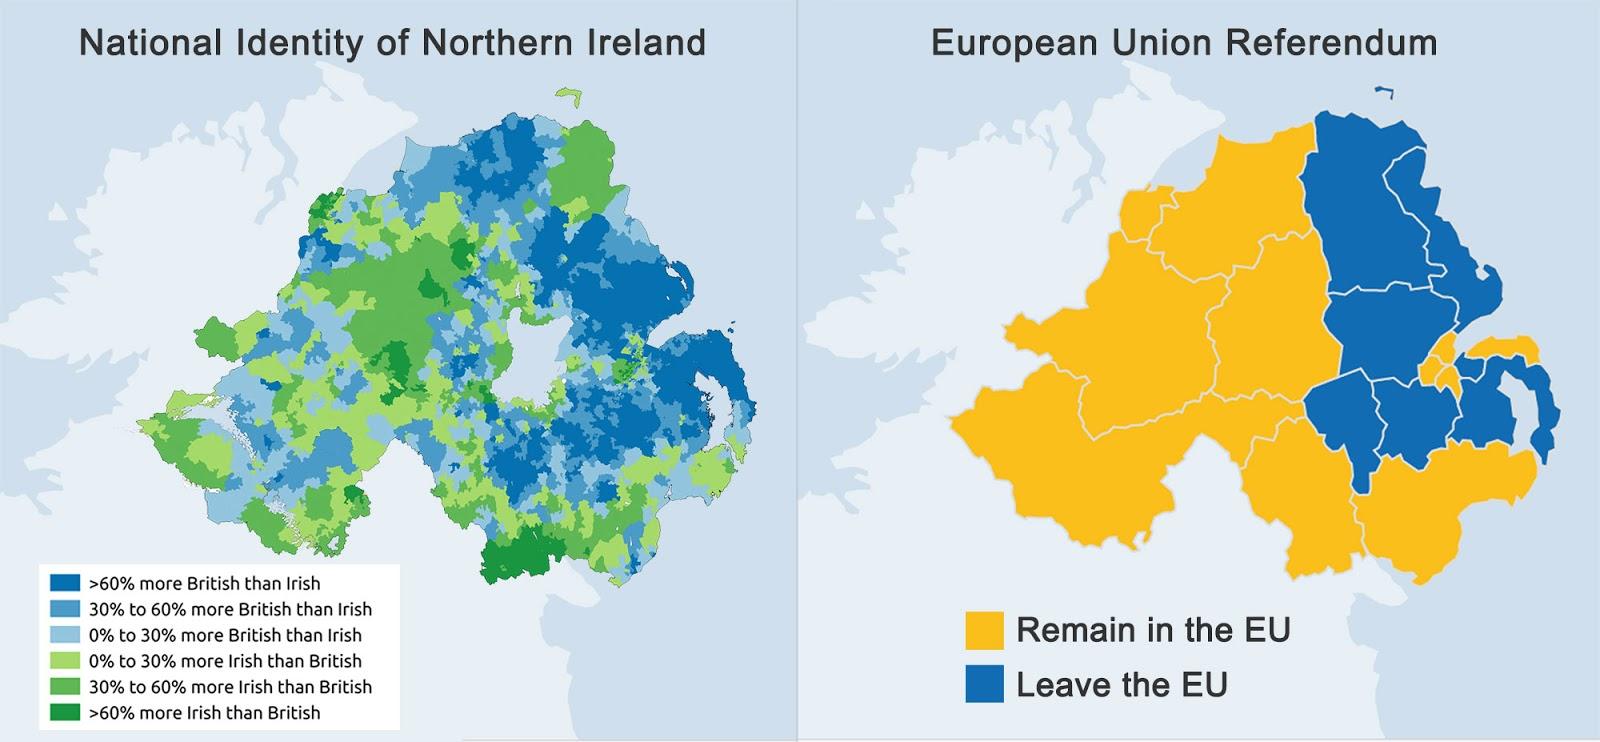 Irlanda Del Nord Cartina Geografica.Ecco Cosa Ne Pensano In Irlanda Del Nord Di Brexit Ed Indipendenza Mappe E Sondaggi